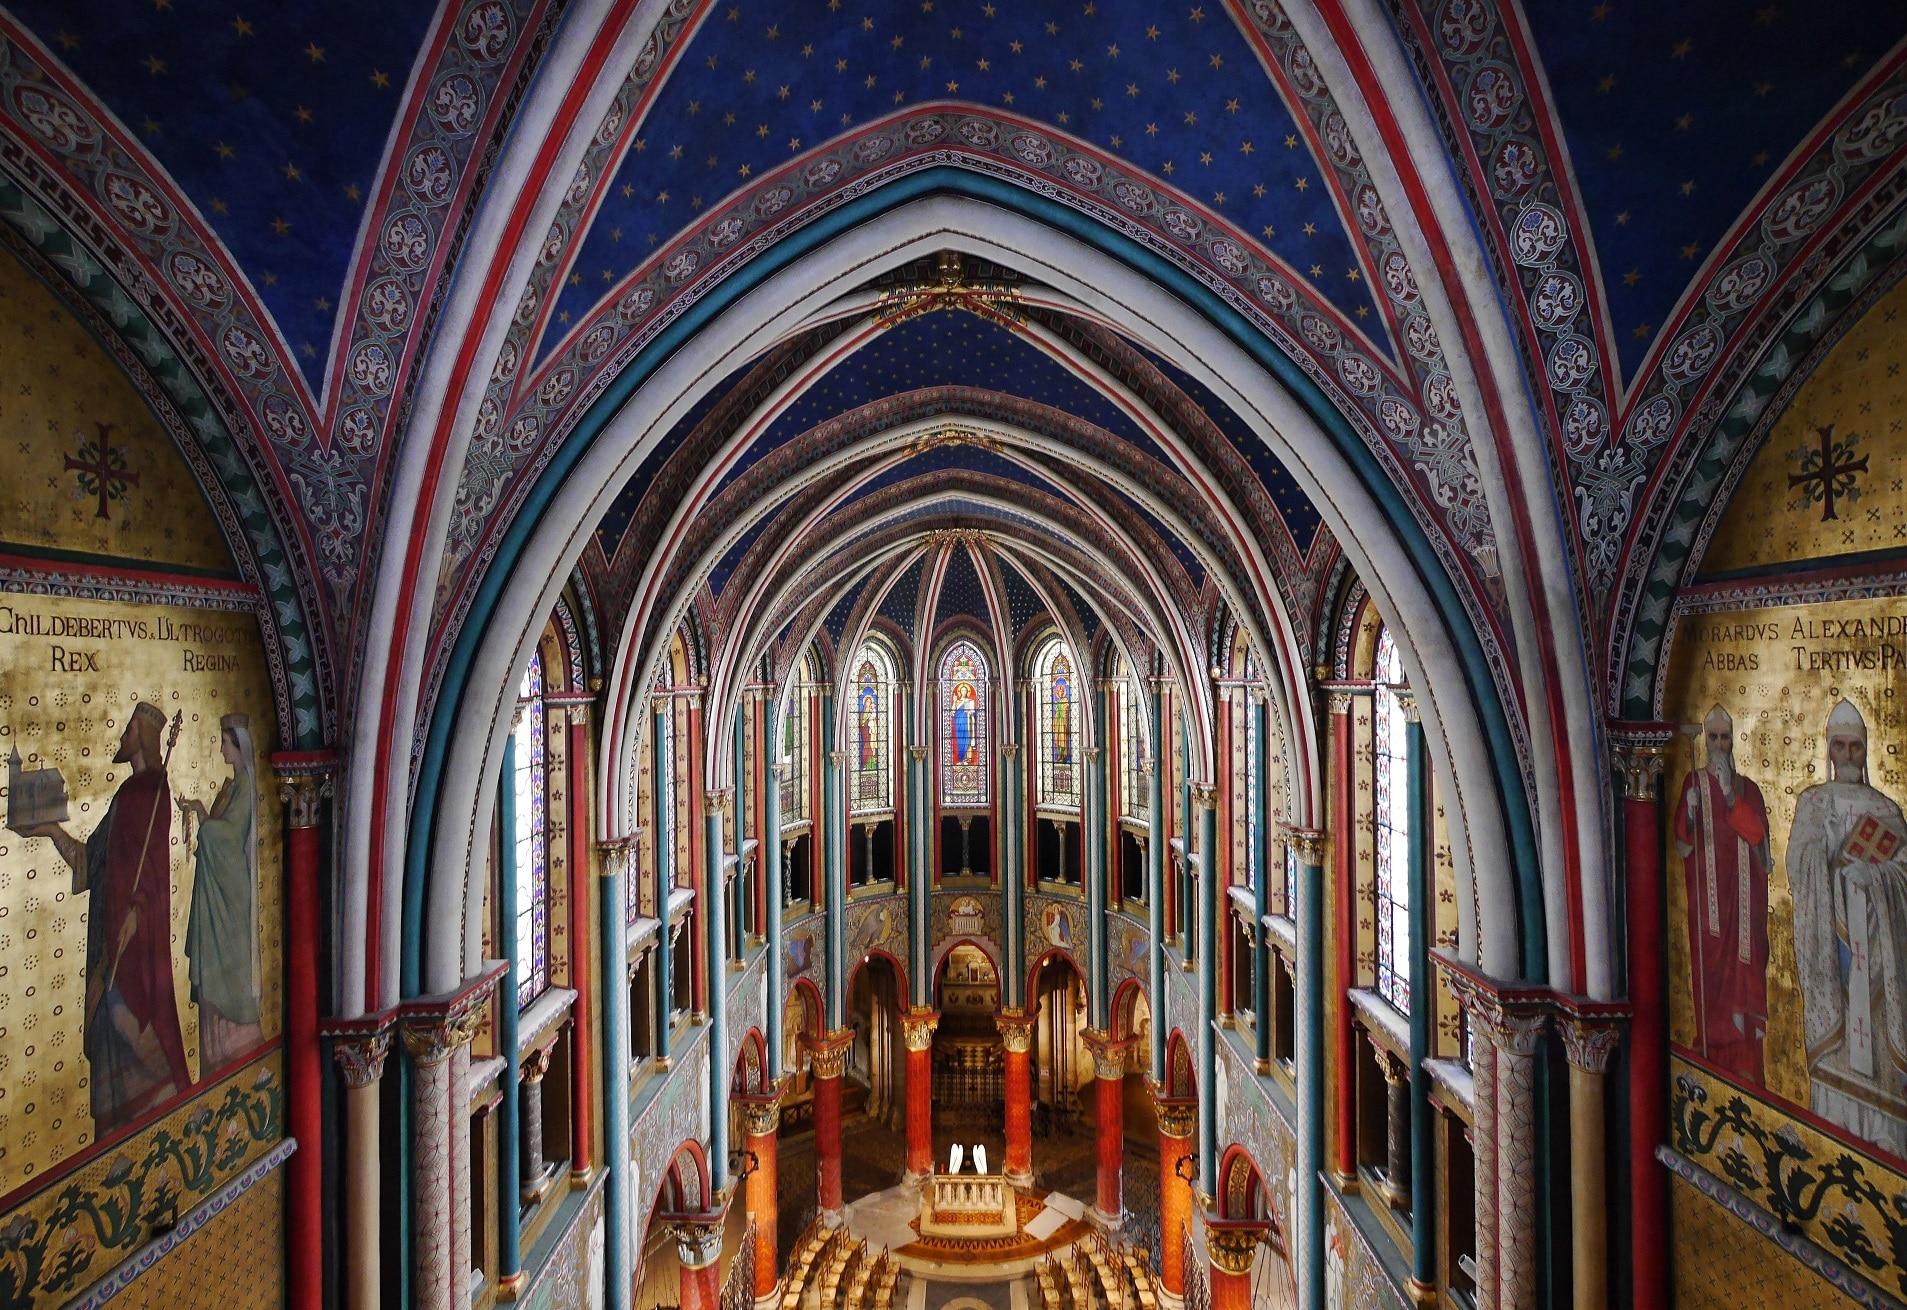 concert eglise saint germain des prés musique classique vivaldi paris